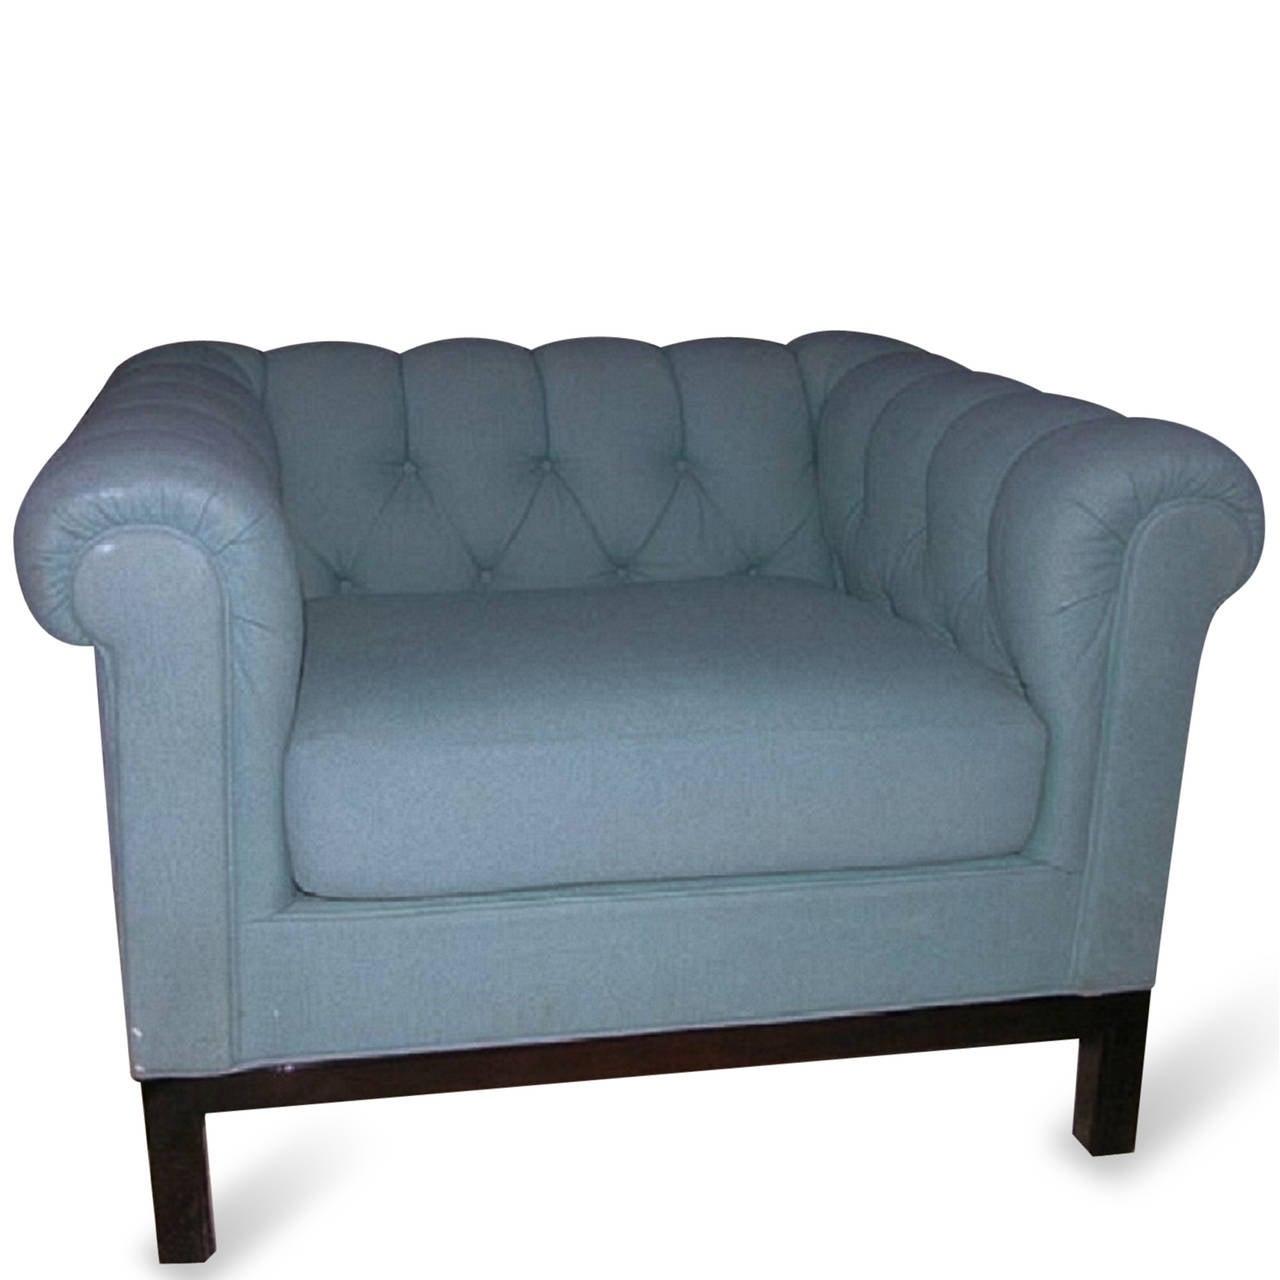 Single armchair by edward wormley for dunbar circa 1960 for Single armchairs